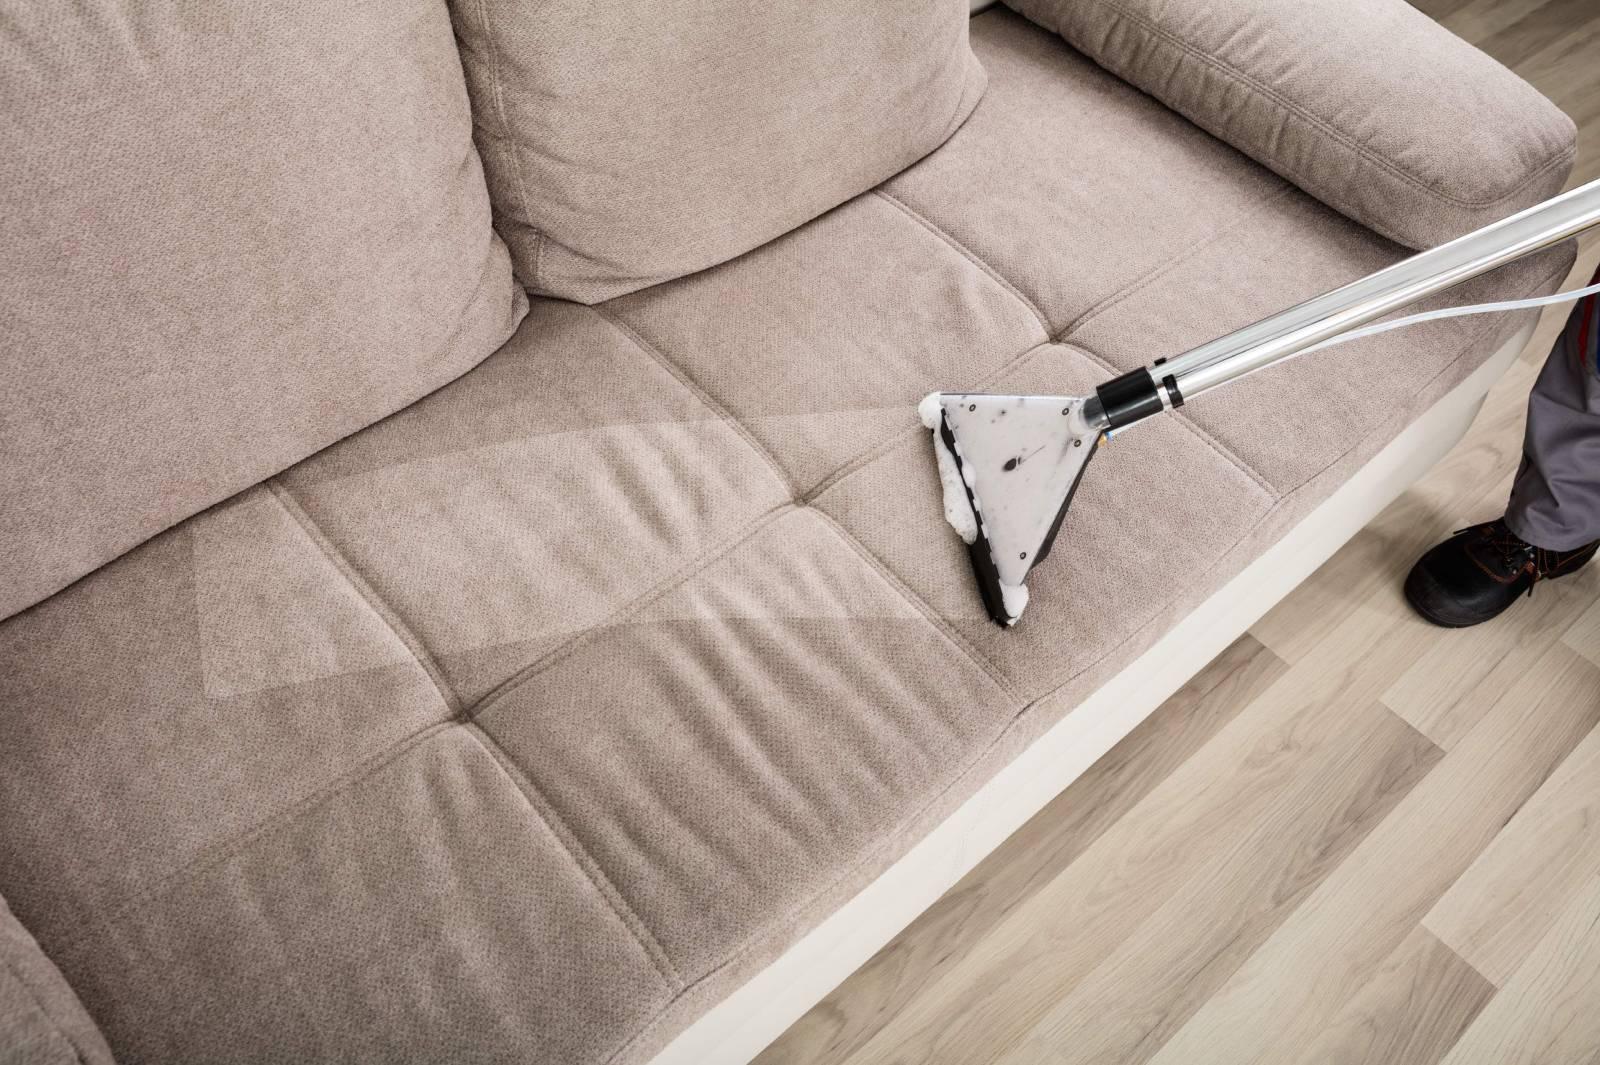 Bộ bàn ghé sofa luôn có quy định về cách vệ sinh lau chùi trên tem mác